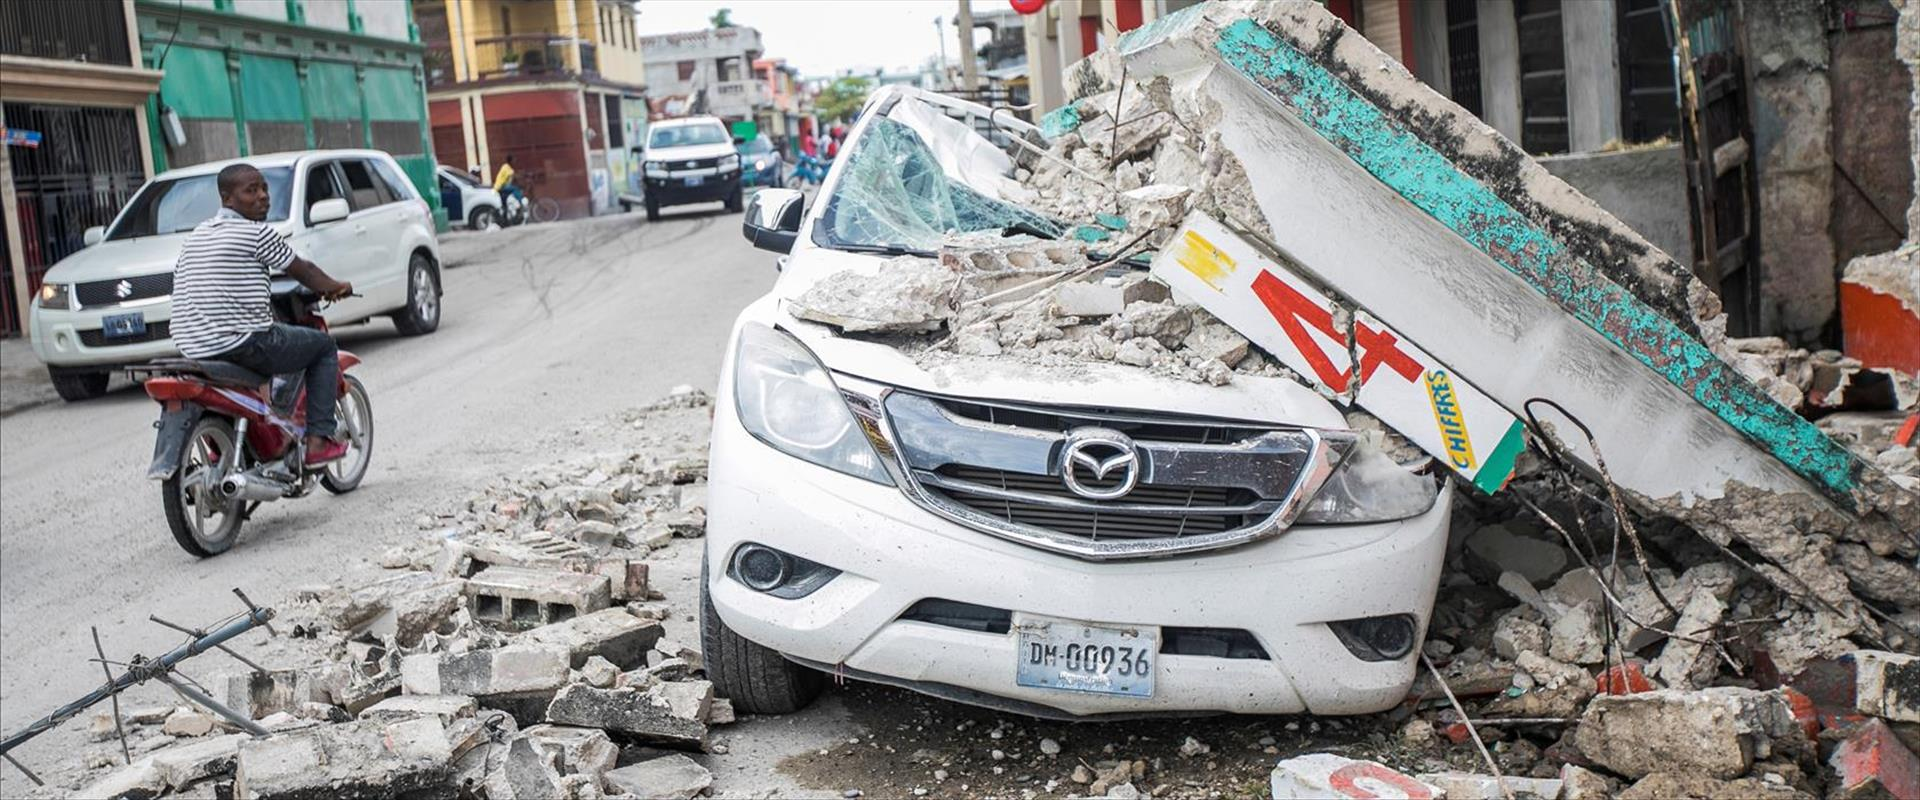 הריסות בעקבות רעש האדמה בהאיטי